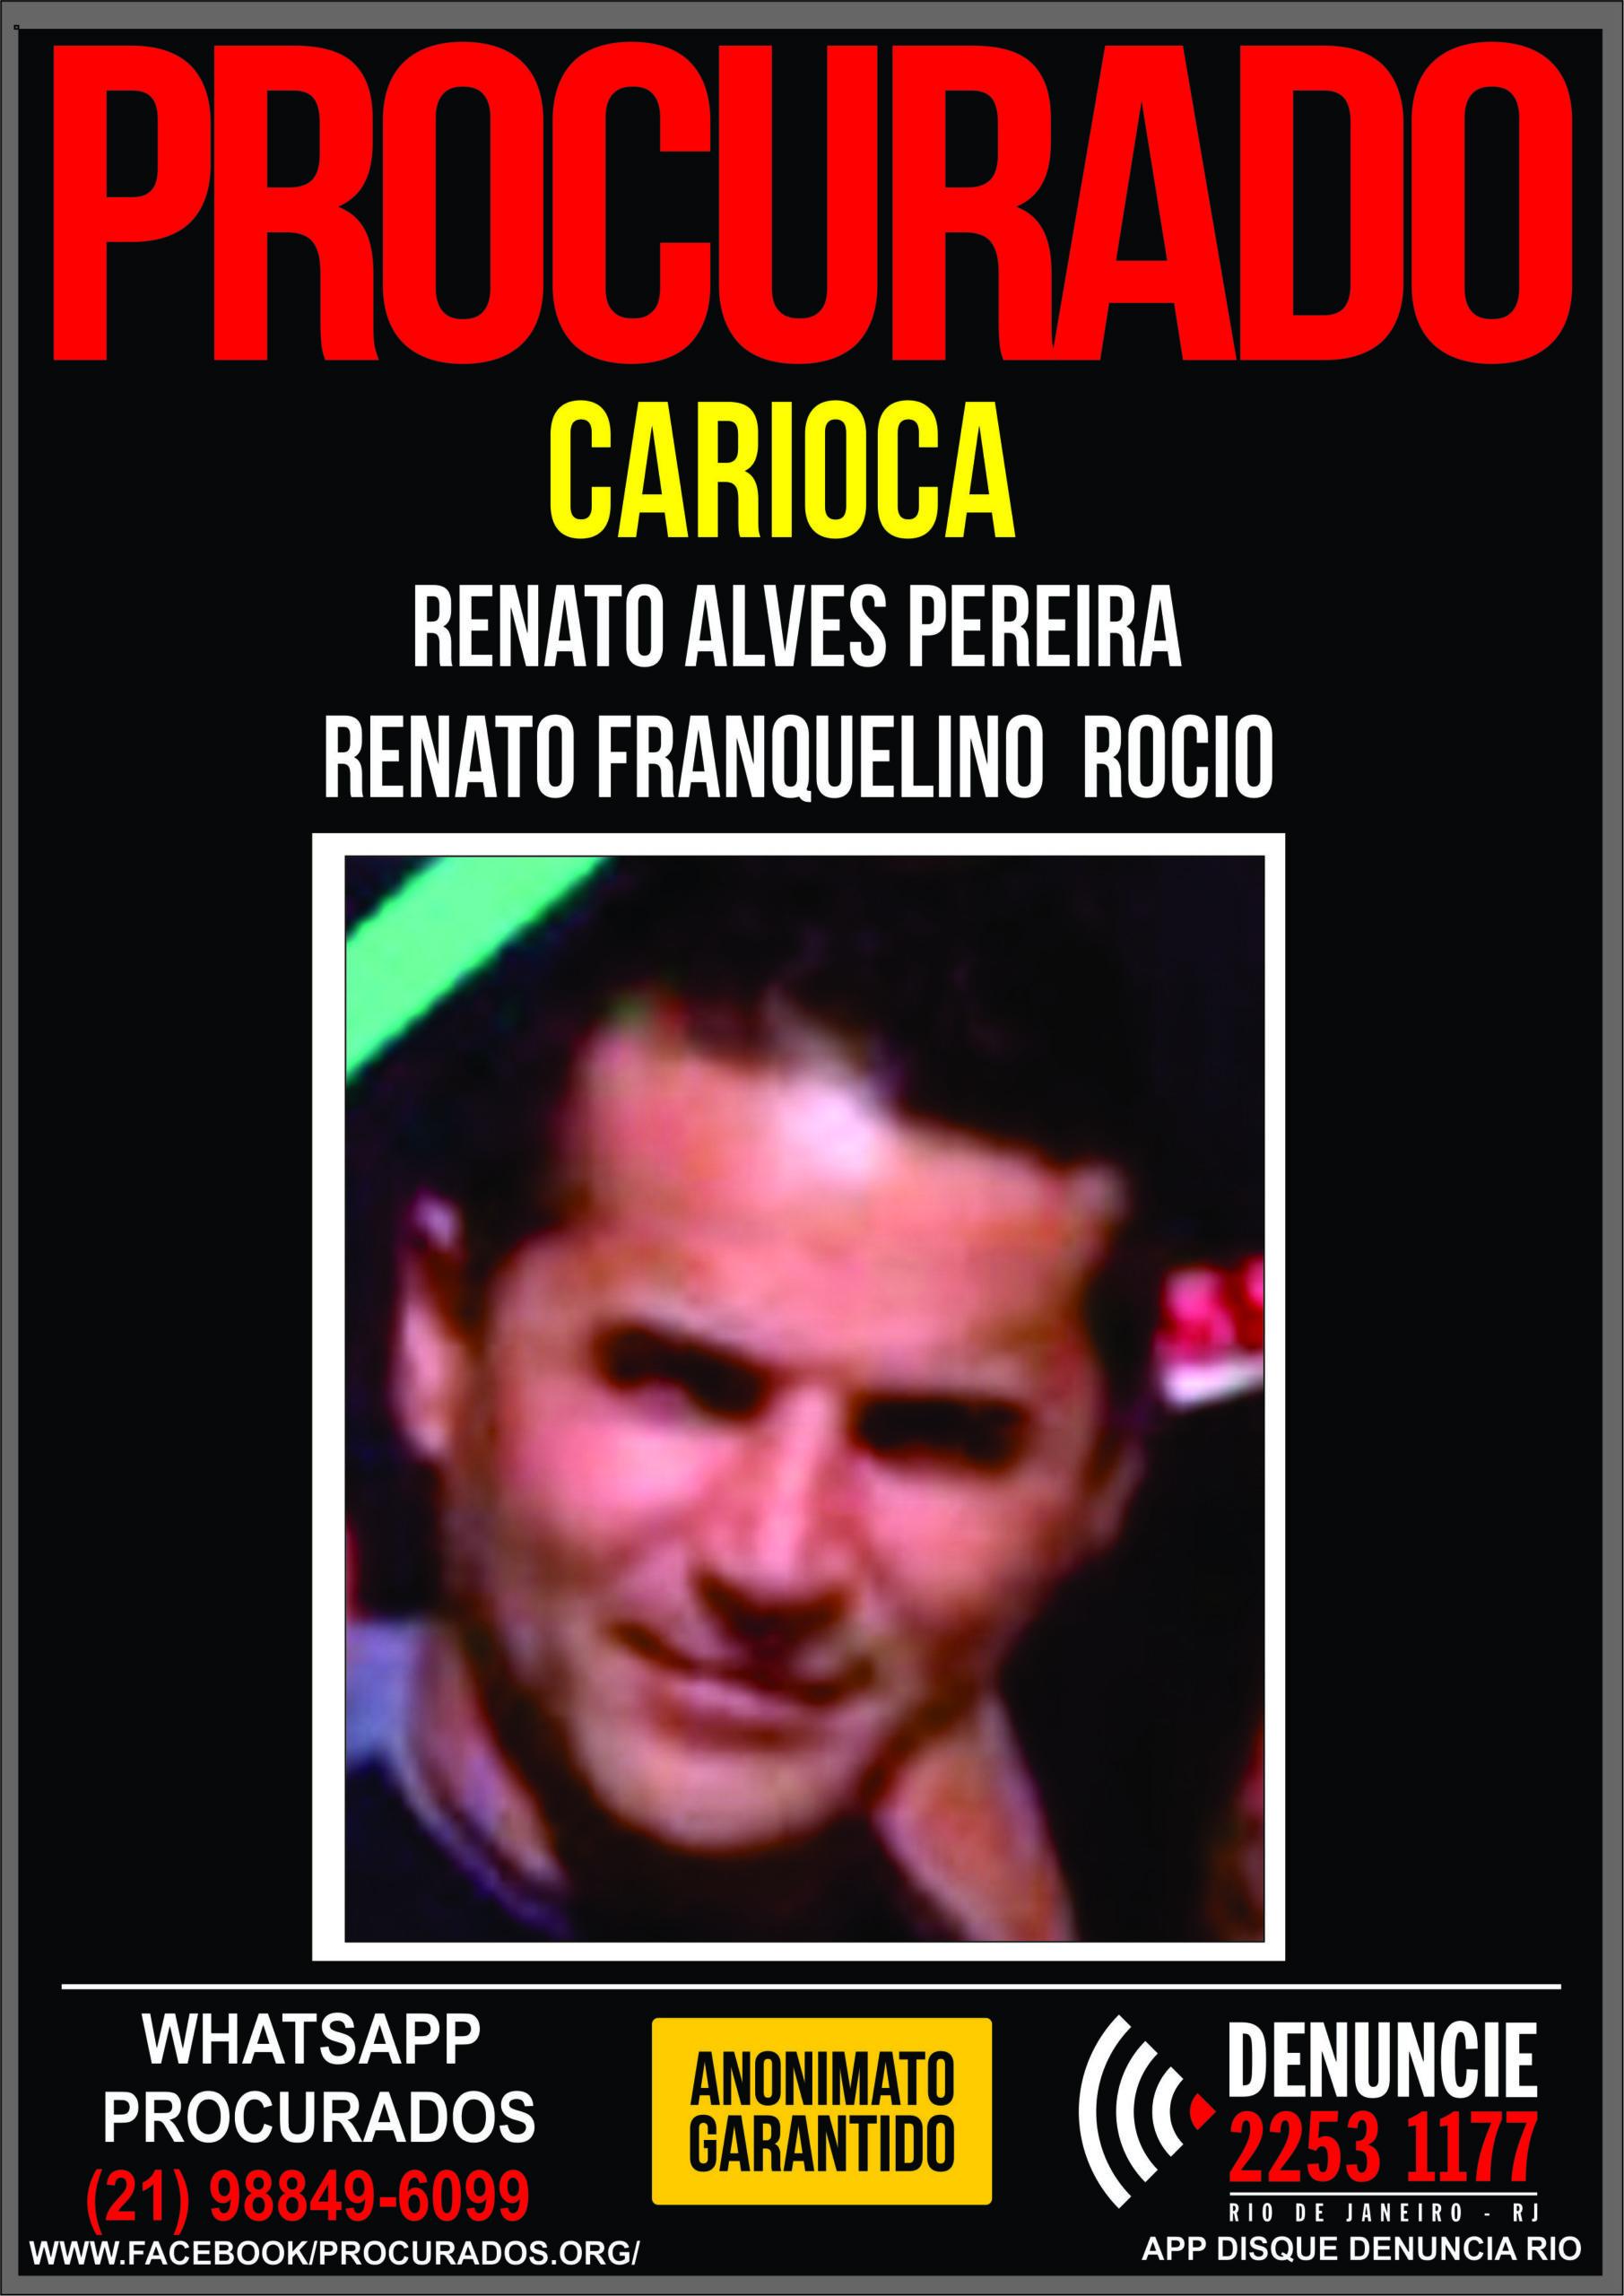 Cartaz traficante carioca